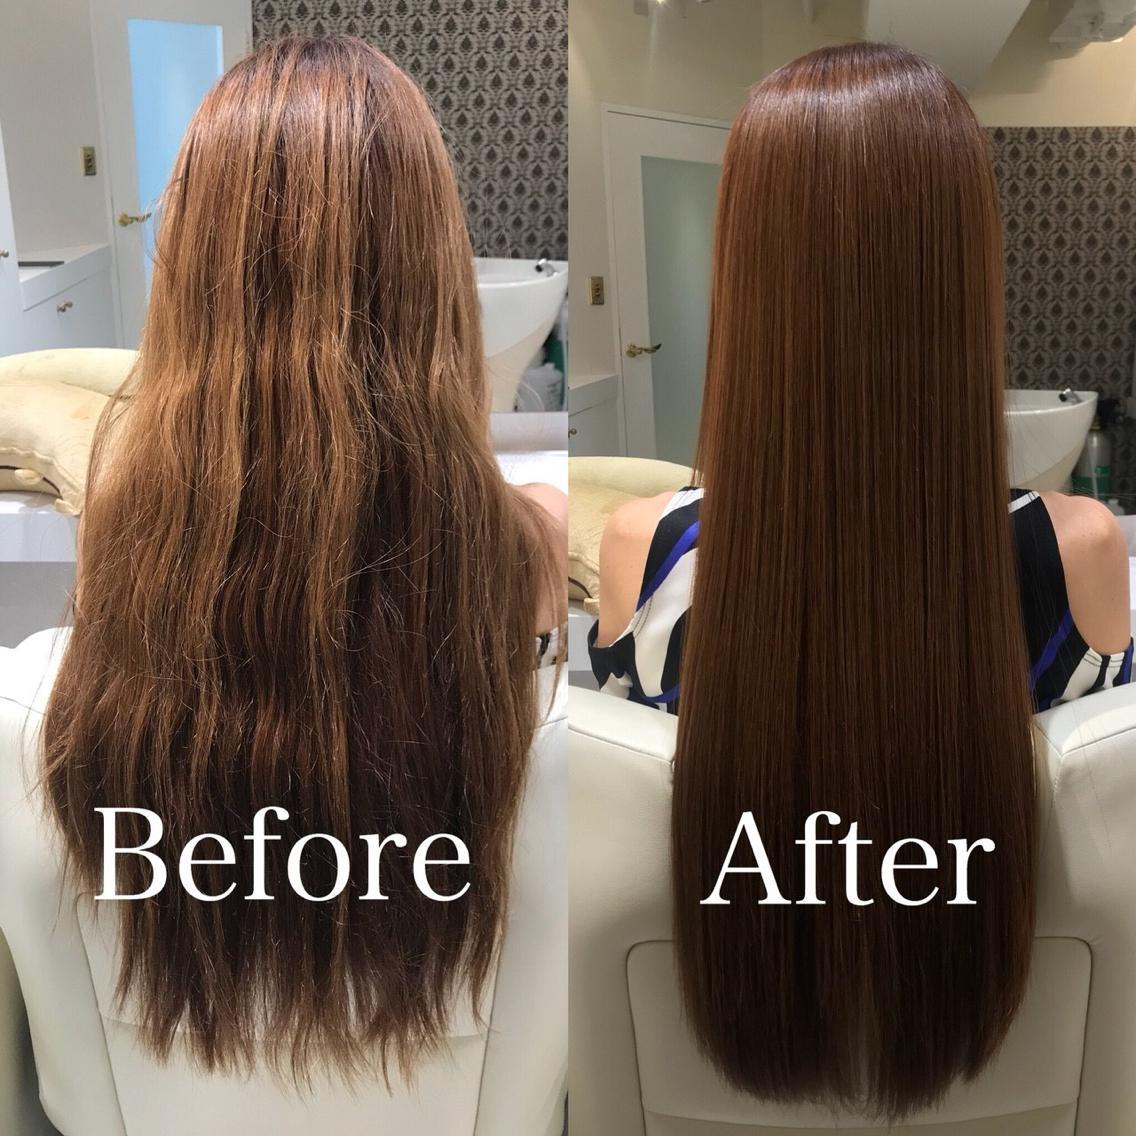 #ロング #その他 カラーダメージや加齢毛でバサバサな髪も、一瞬で憧れの美髪を手に入れることが出来ます! 縮毛矯正でも、システムトリートメントでも、酸熱トリートメントでもありません。